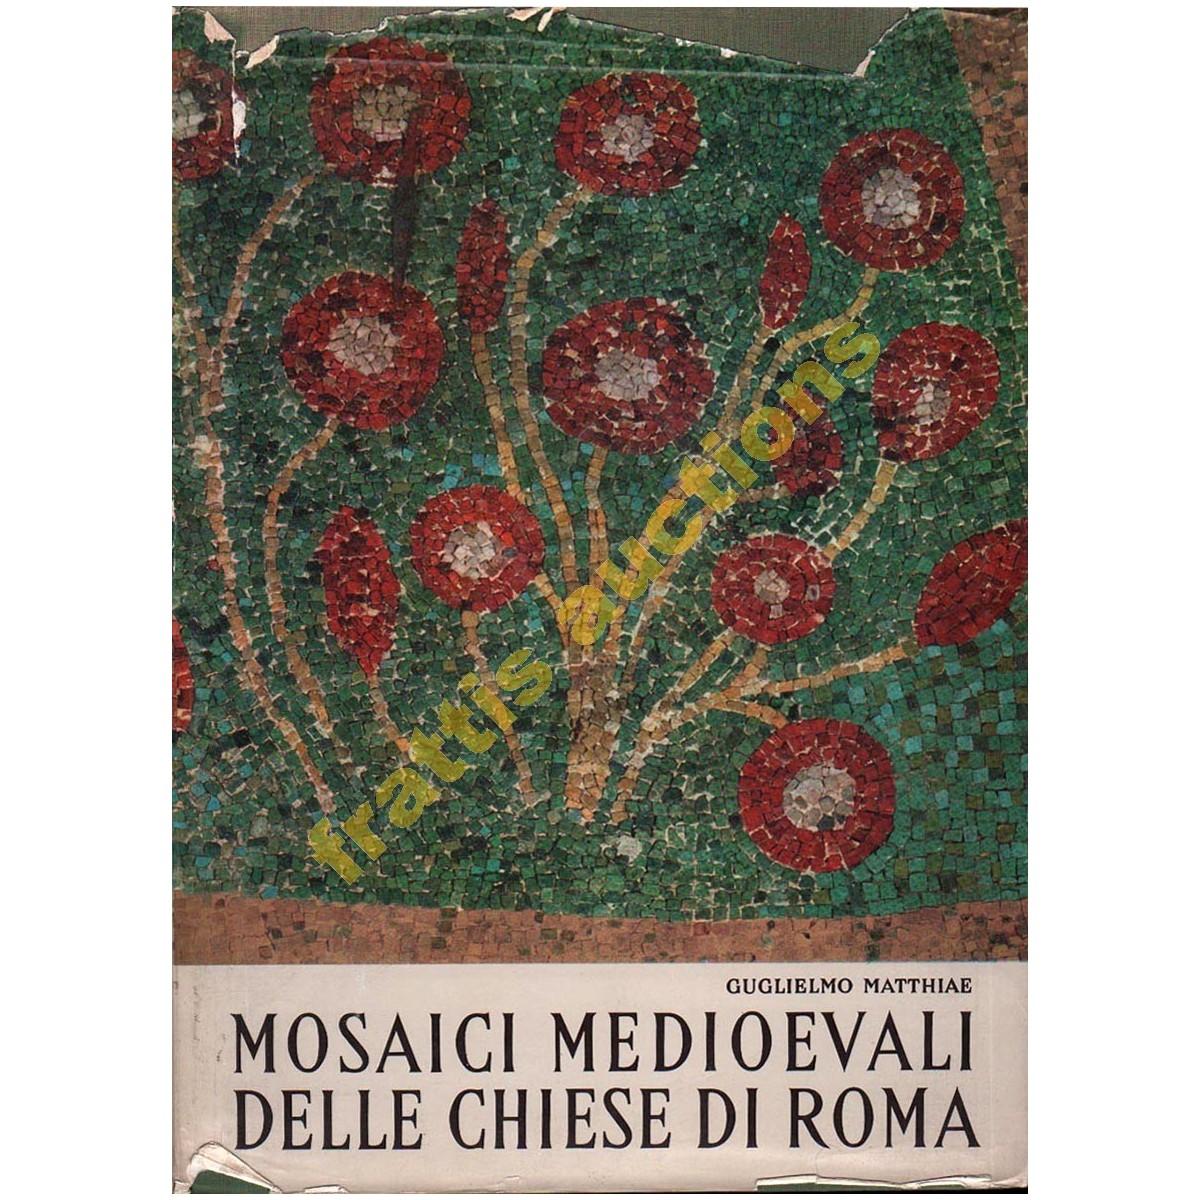 Mosaici medioevali delle chiese di Roma, Guglielmo Matthiae,1967.